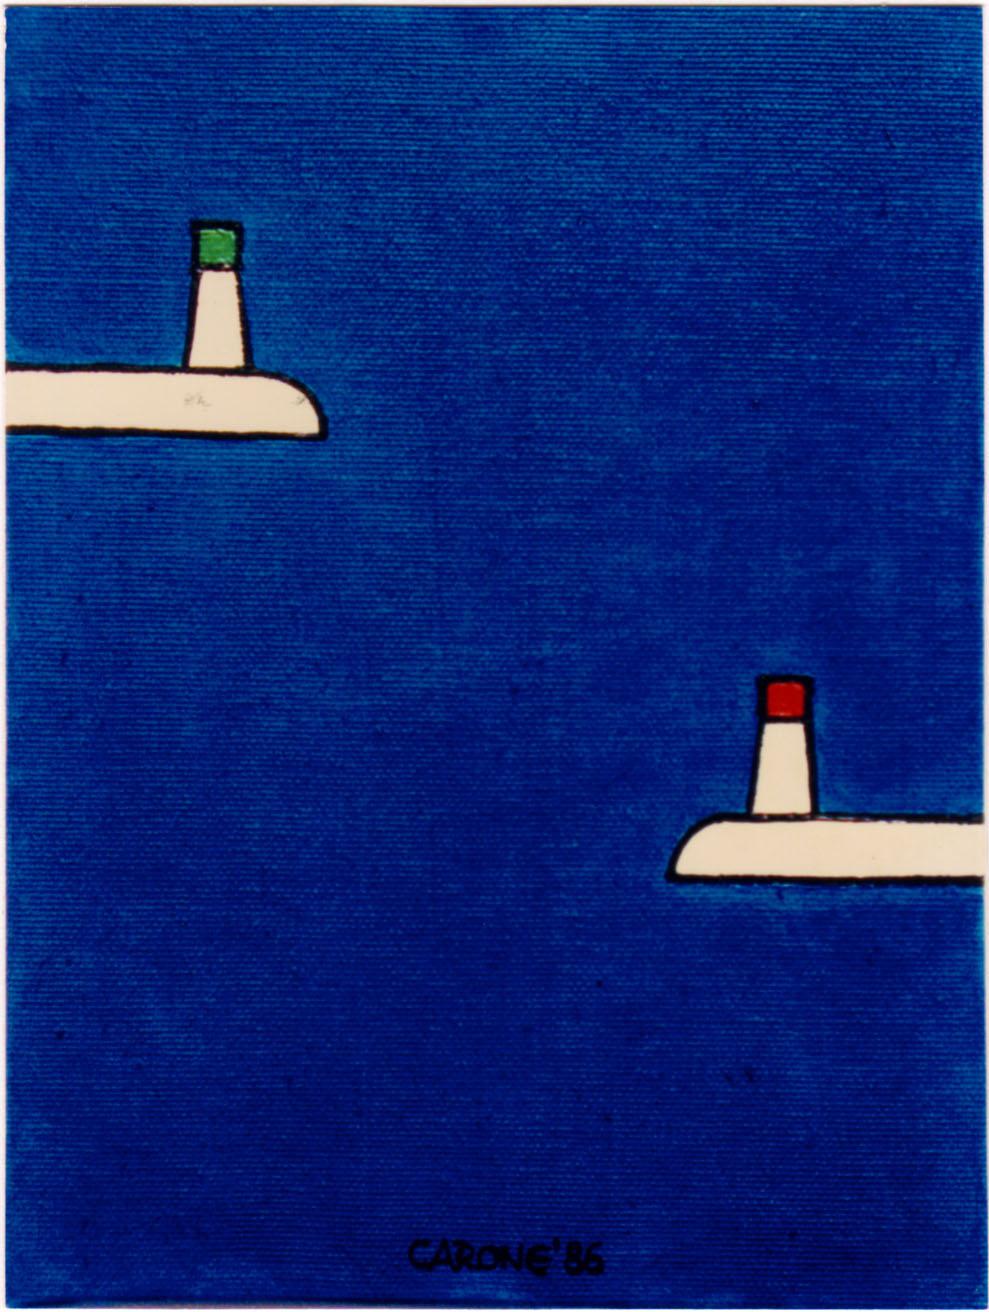 IL PORTO DI BARI . 1986 - Colori acrilici su tela, cm.30 x 20 Collezione Mara Labriola, Bari